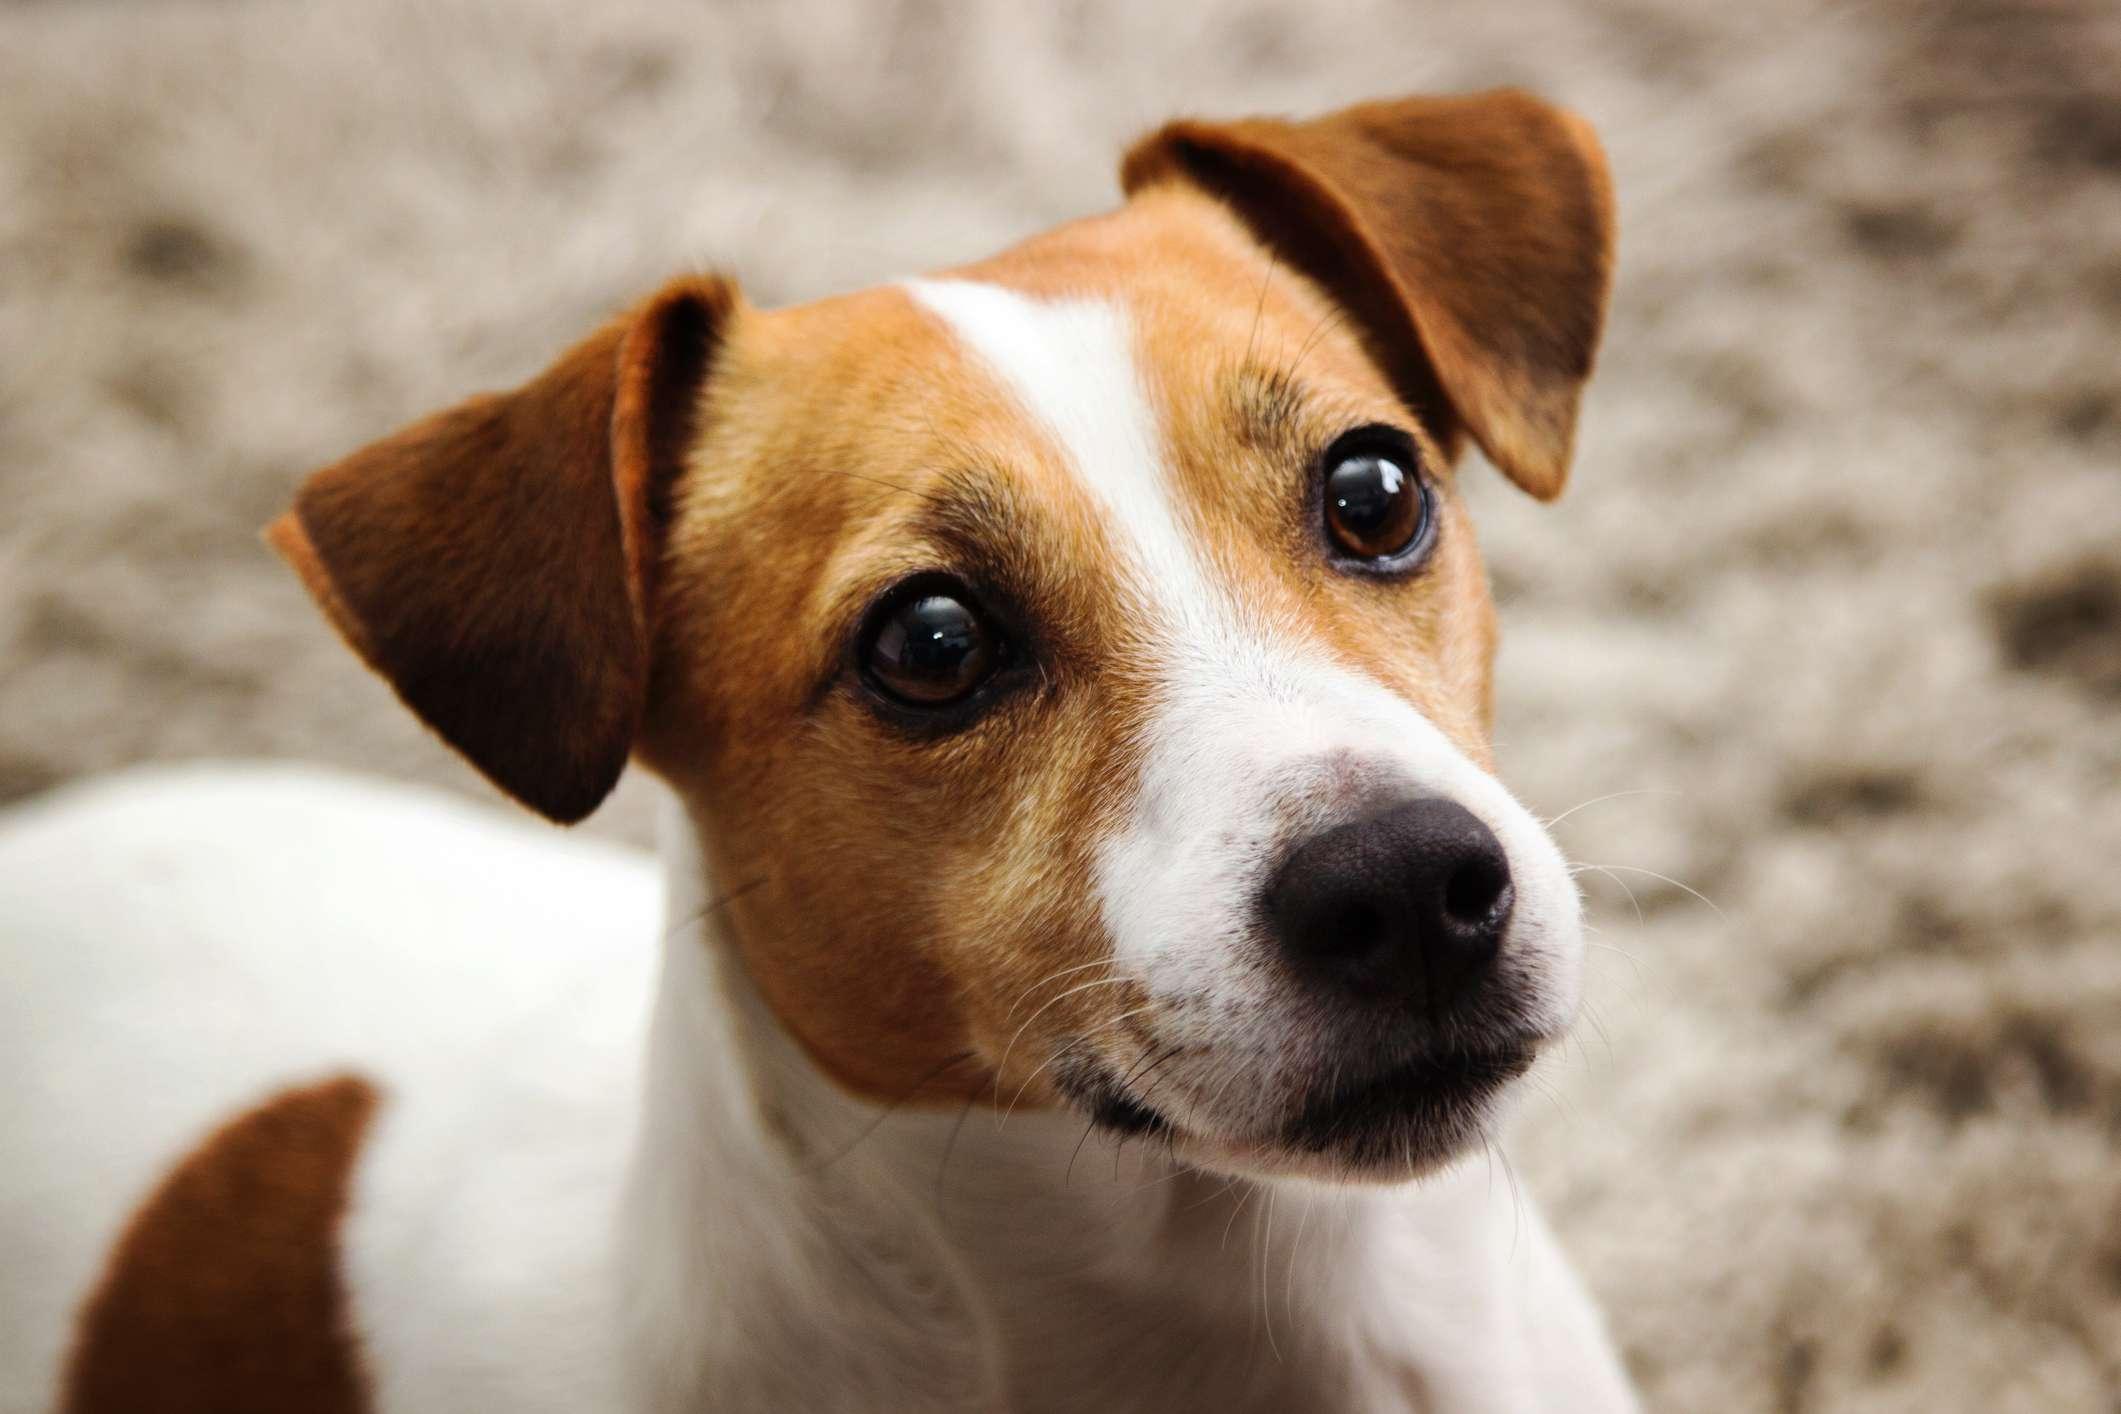 Jack Russell terrier looking alert